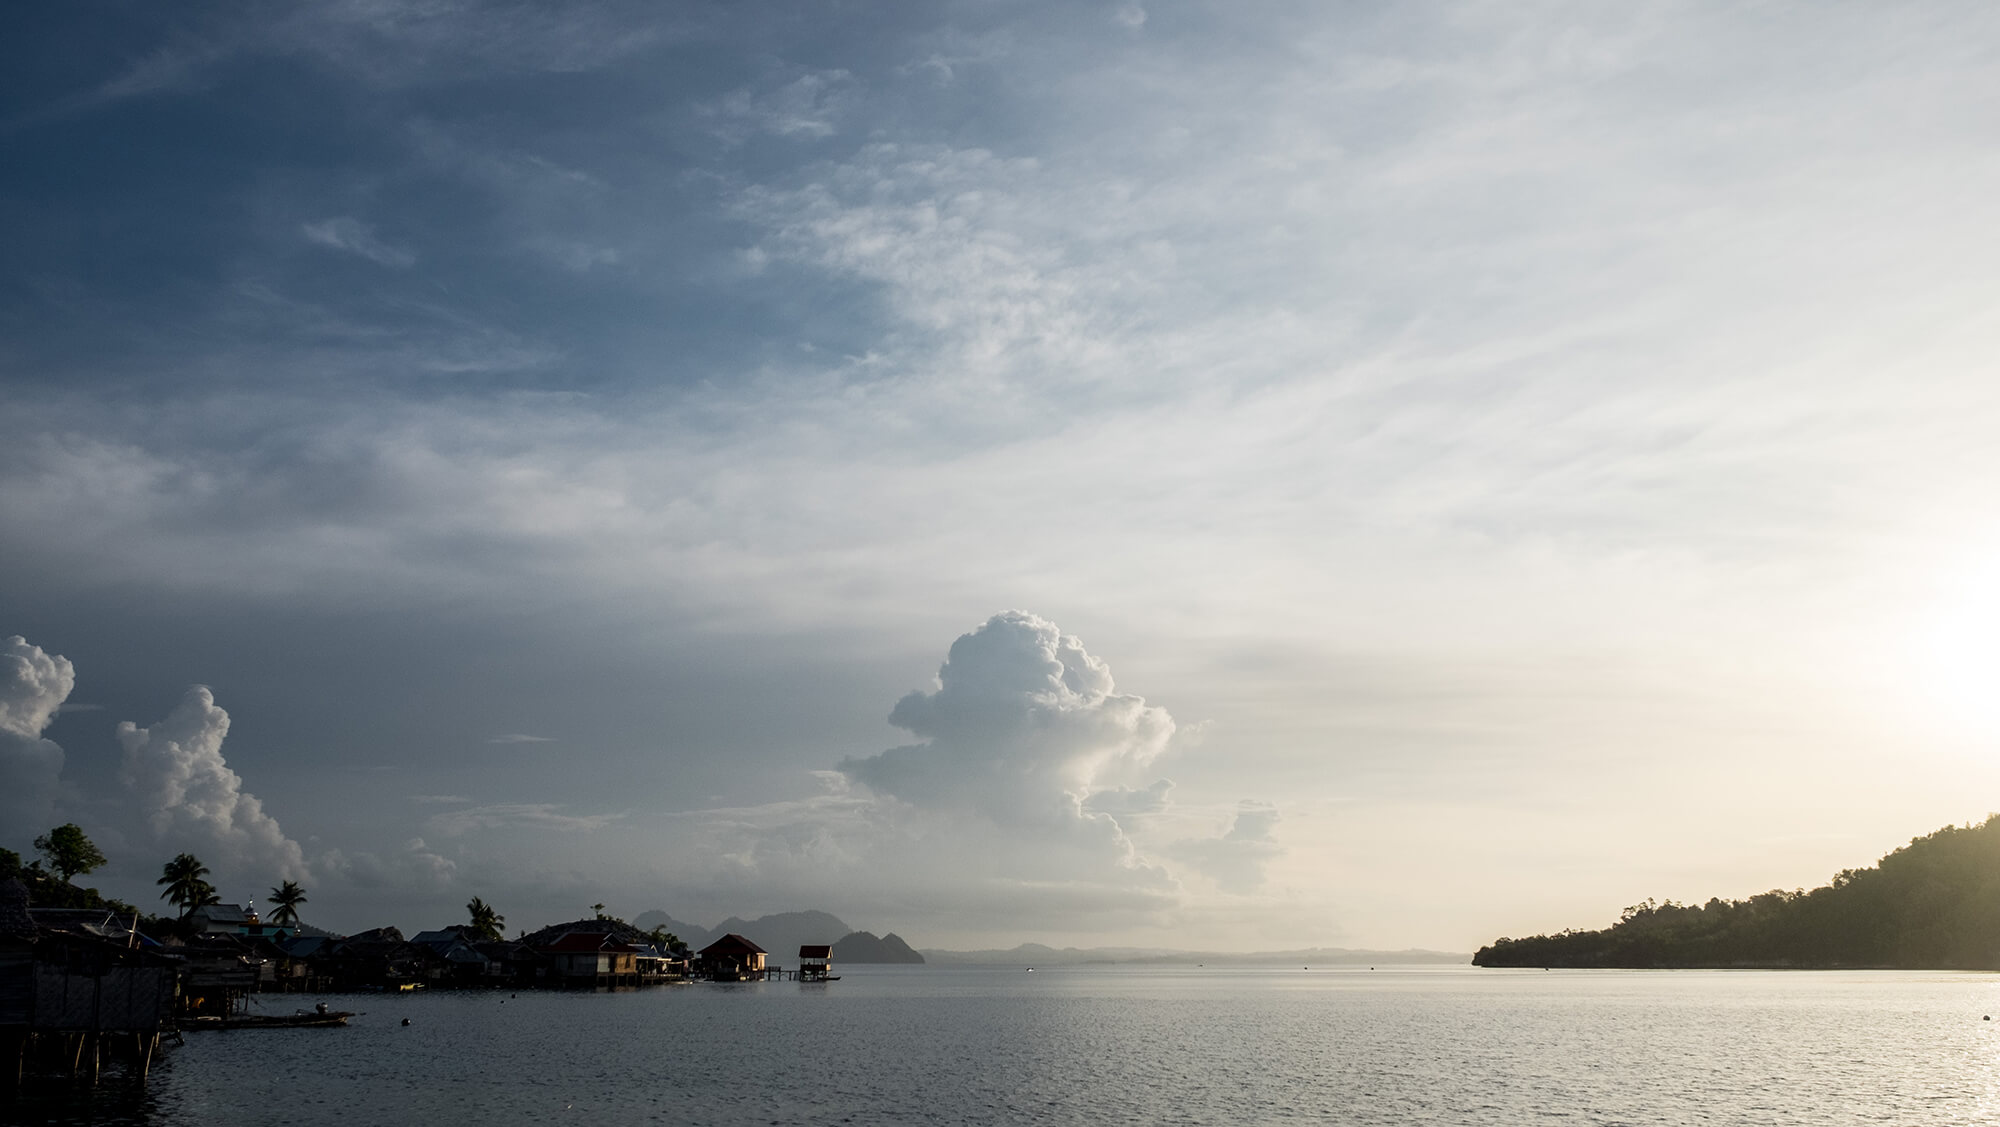 Atardecer en una aldea bajau de las islas Togean en Sulawesi